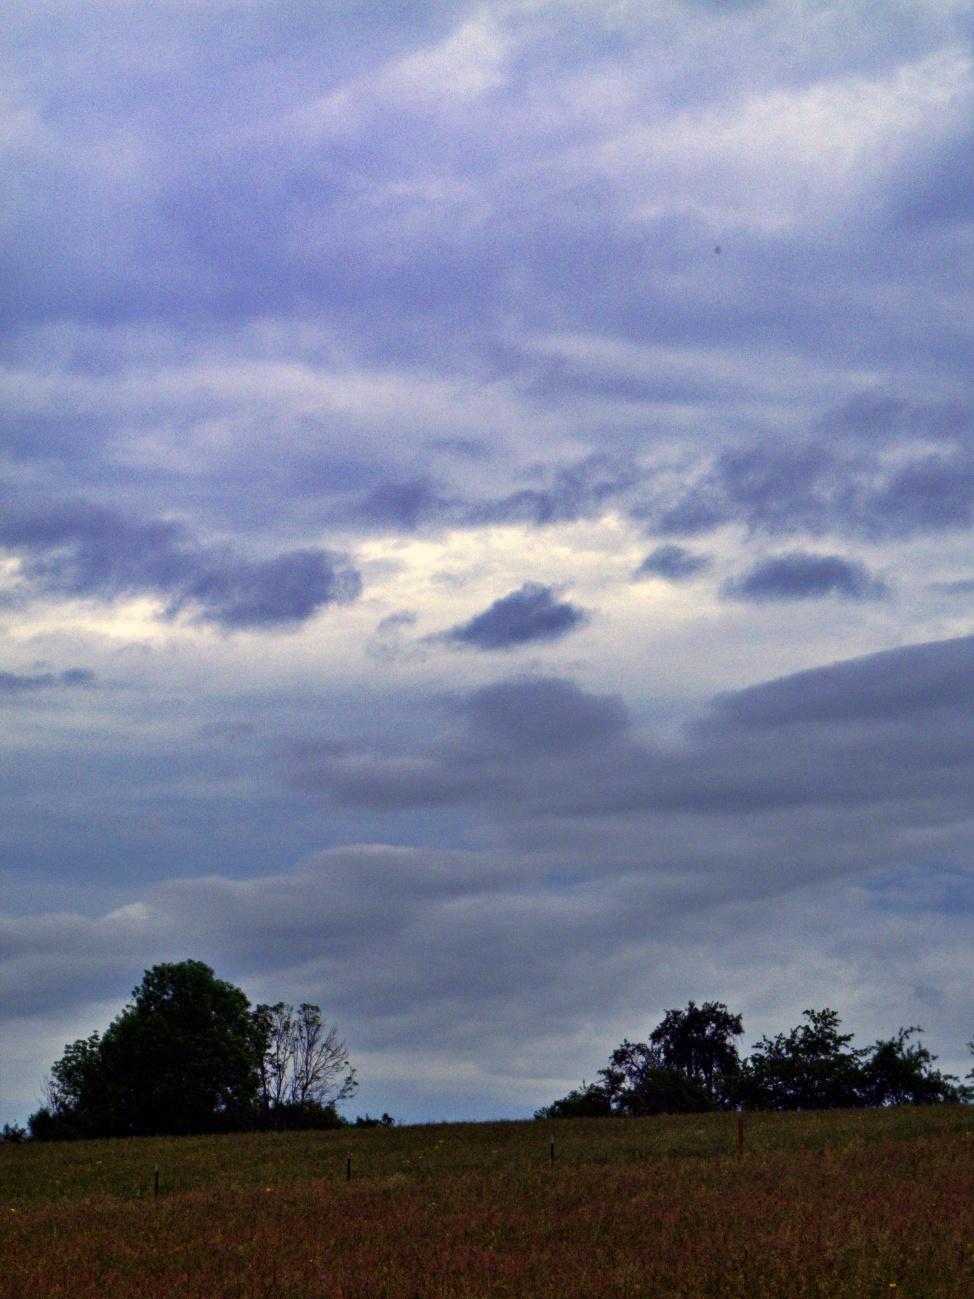 Impulswerkstatt Juni #2 - Bild des Tages #99 — Melancholisch